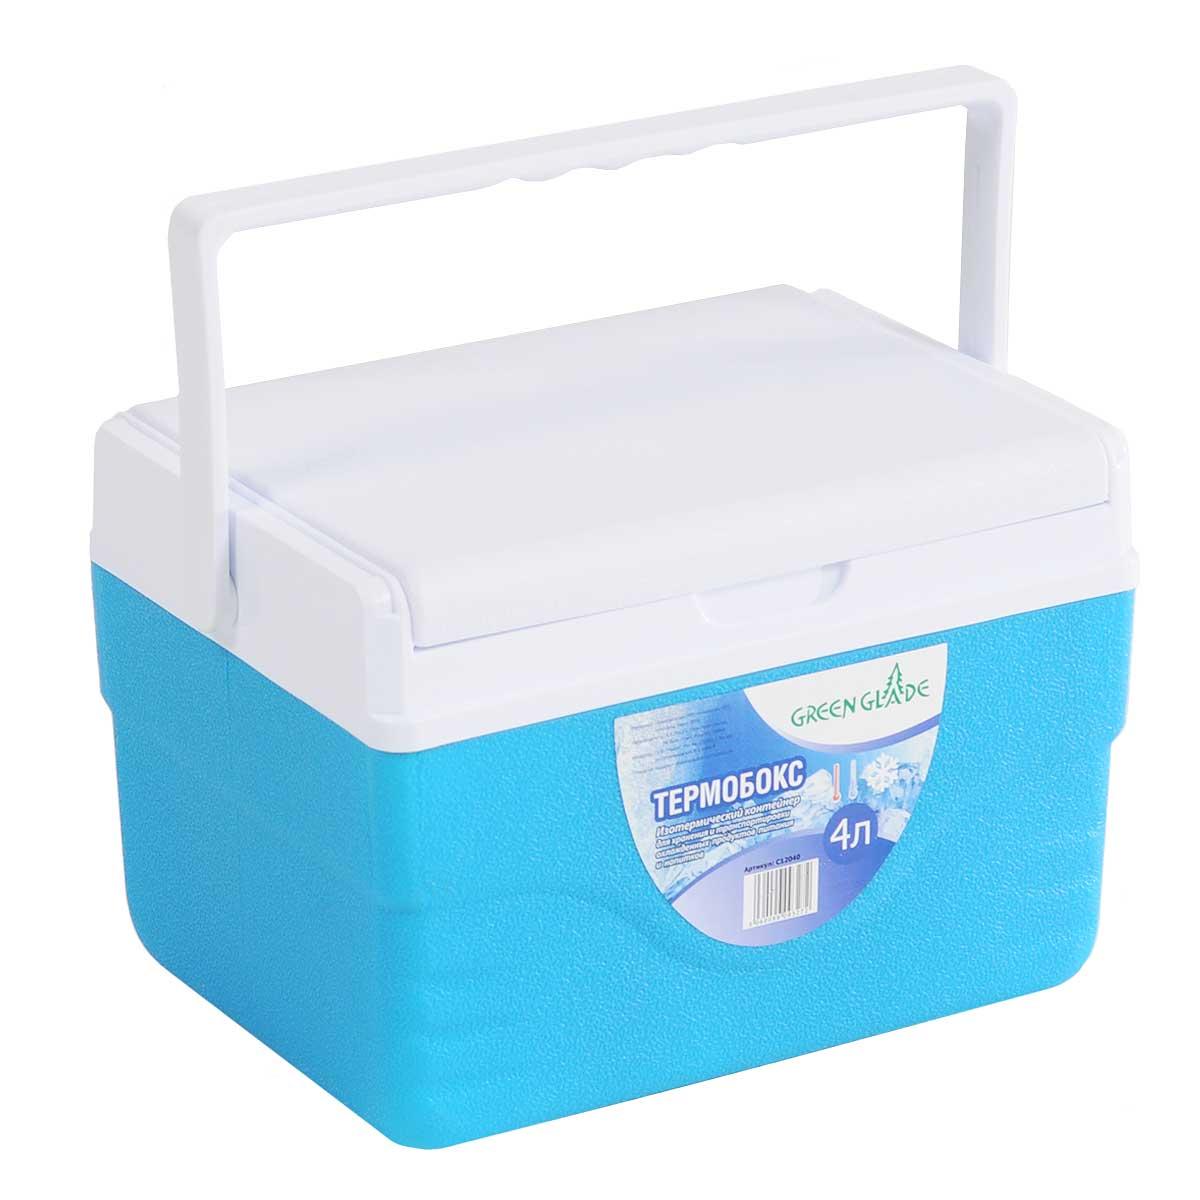 Контейнер изотермический Green Glade, цвет: голубой, 4 лС12040Легкий и прочный изотермический контейнер Green Glade предназначен для сохранения определенной температуры продуктов во время длительных поездок. Корпус и крышка контейнера изготовлены из высококачественного полистирола. Между двойными стенками находится термоизоляционный слой, который обеспечивает сохранение температуры. При использовании аккумулятора холода, контейнер обеспечивает сохранение продуктов холодными на 8-10 часов. Подвижная ручка делает более удобной переноску контейнера. Крышка может использоваться как столик или как поднос. Объем контейнера: 4 л.Размер контейнера: 25 см х 17 см х 18 см.